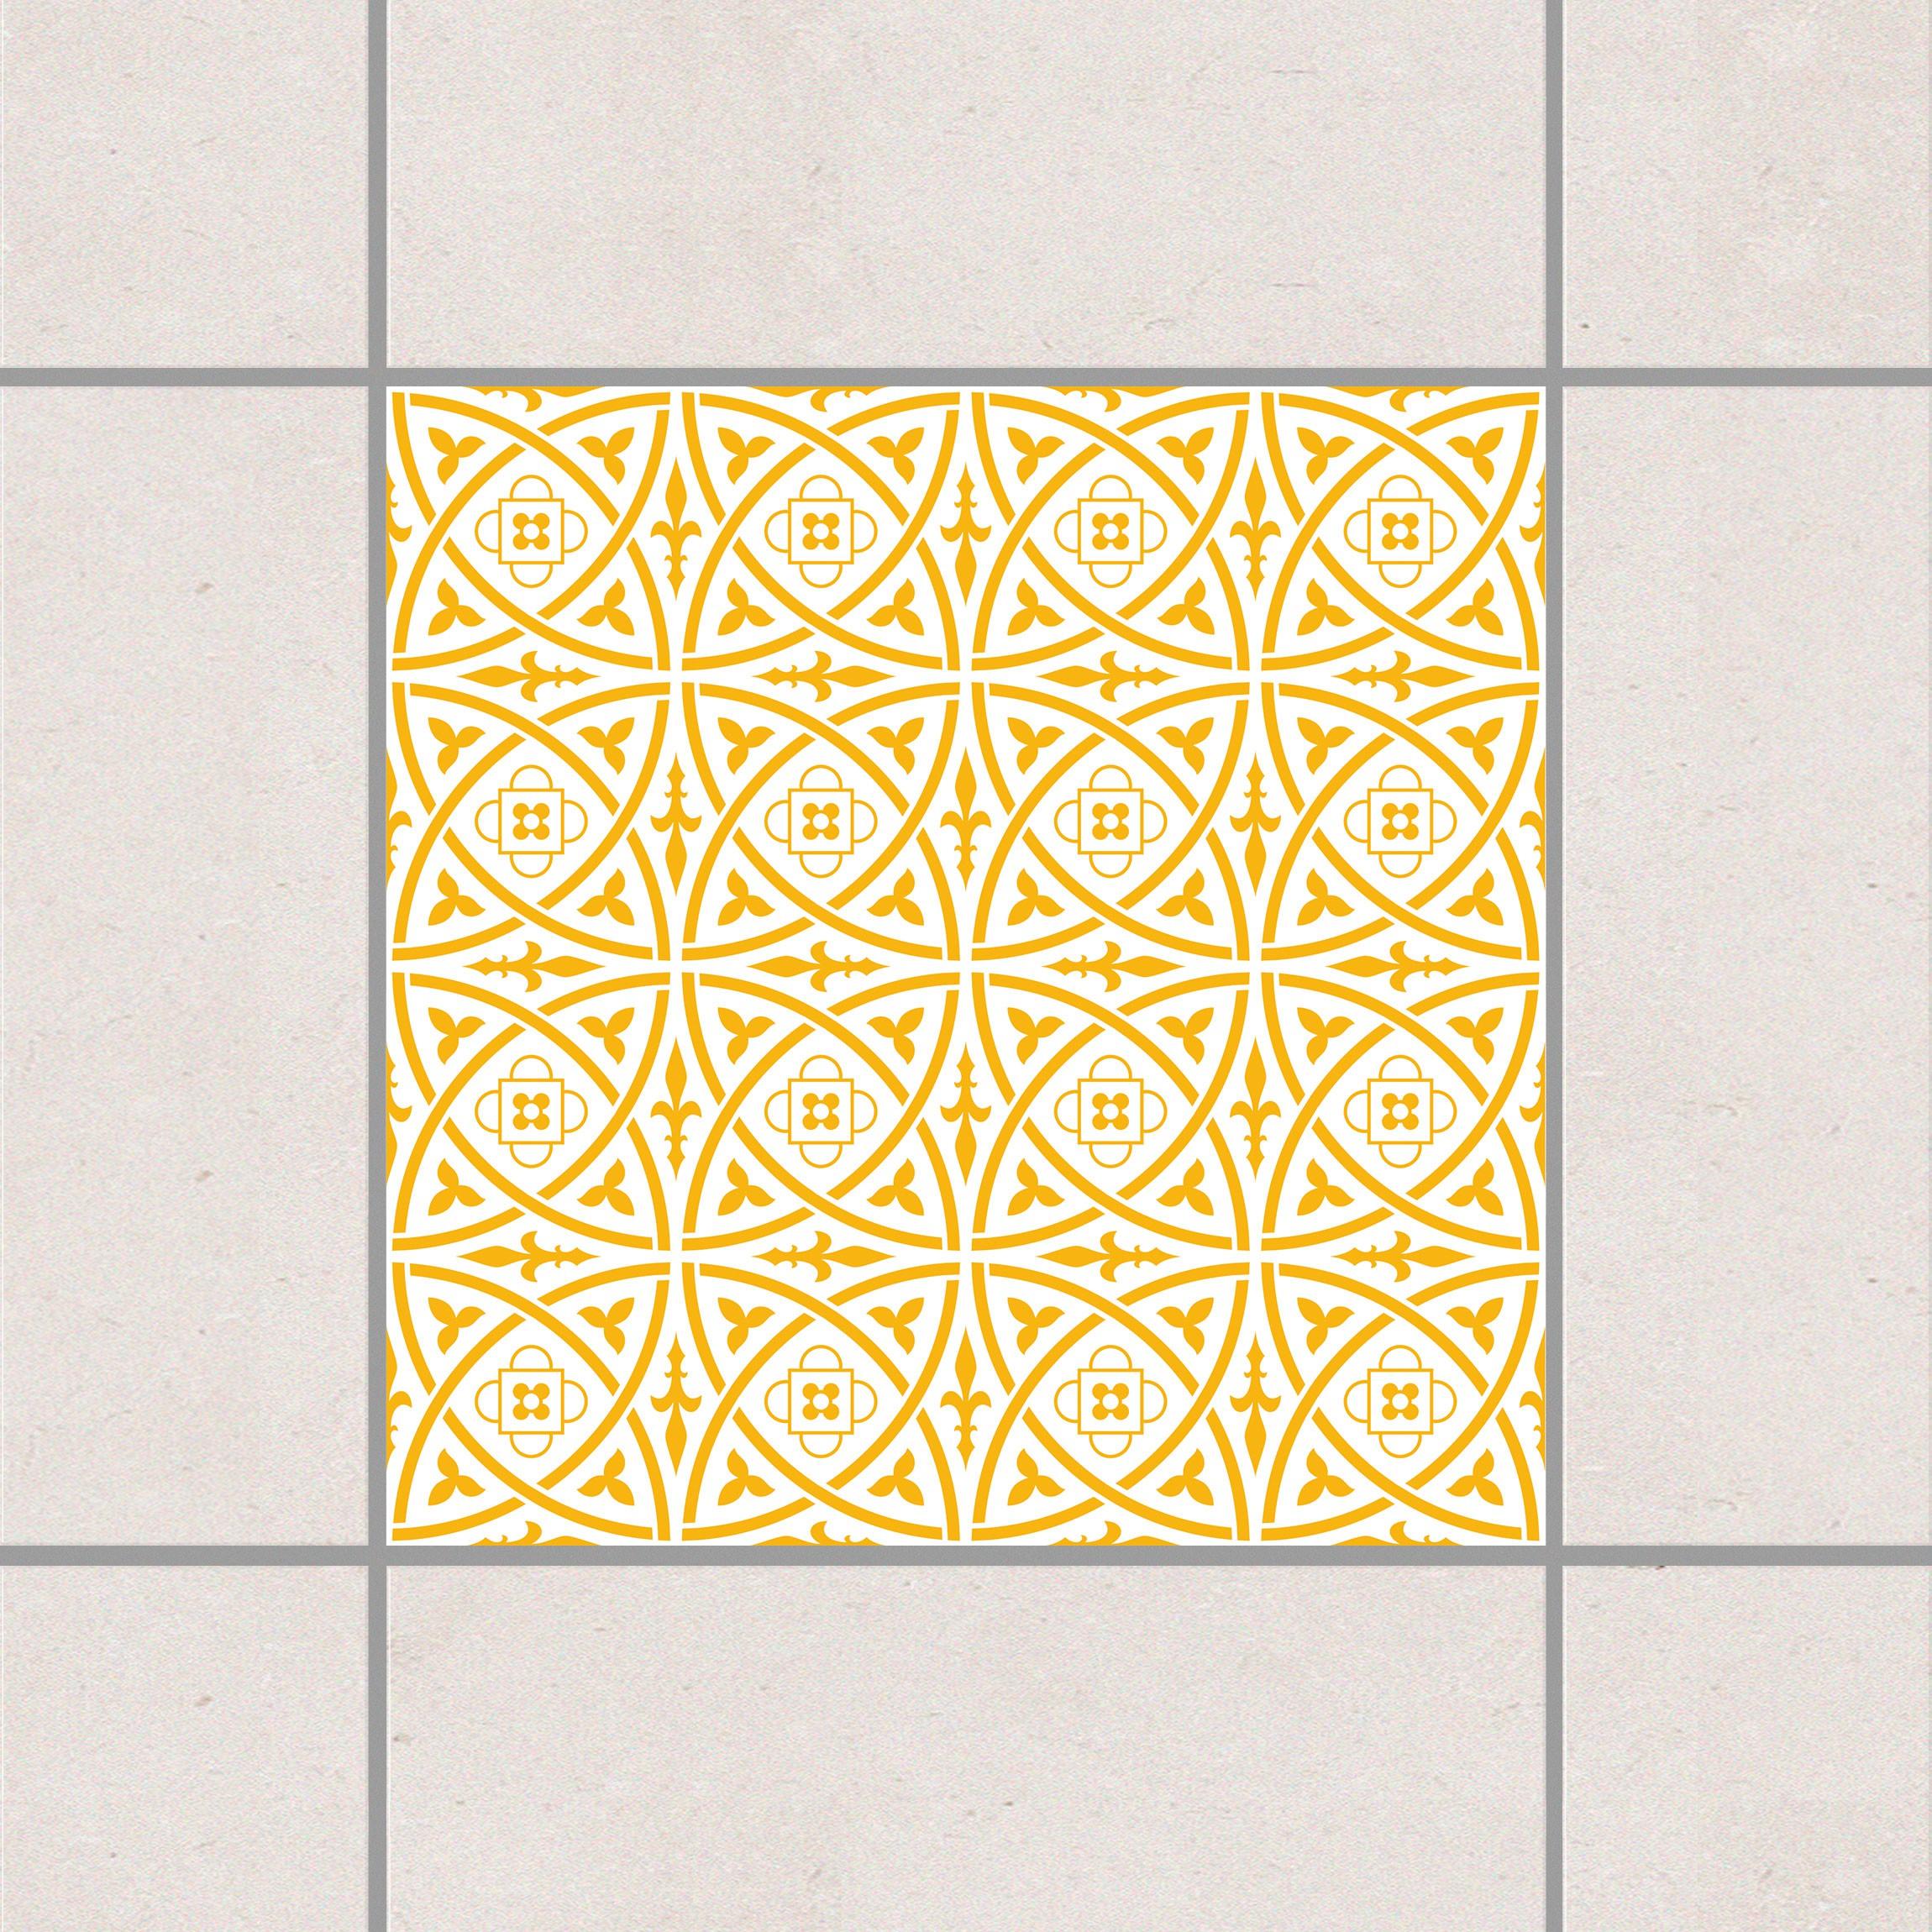 Fliesenaufkleber keltisch white melon yellow 15x15 cm for Fliesensticker 15x15